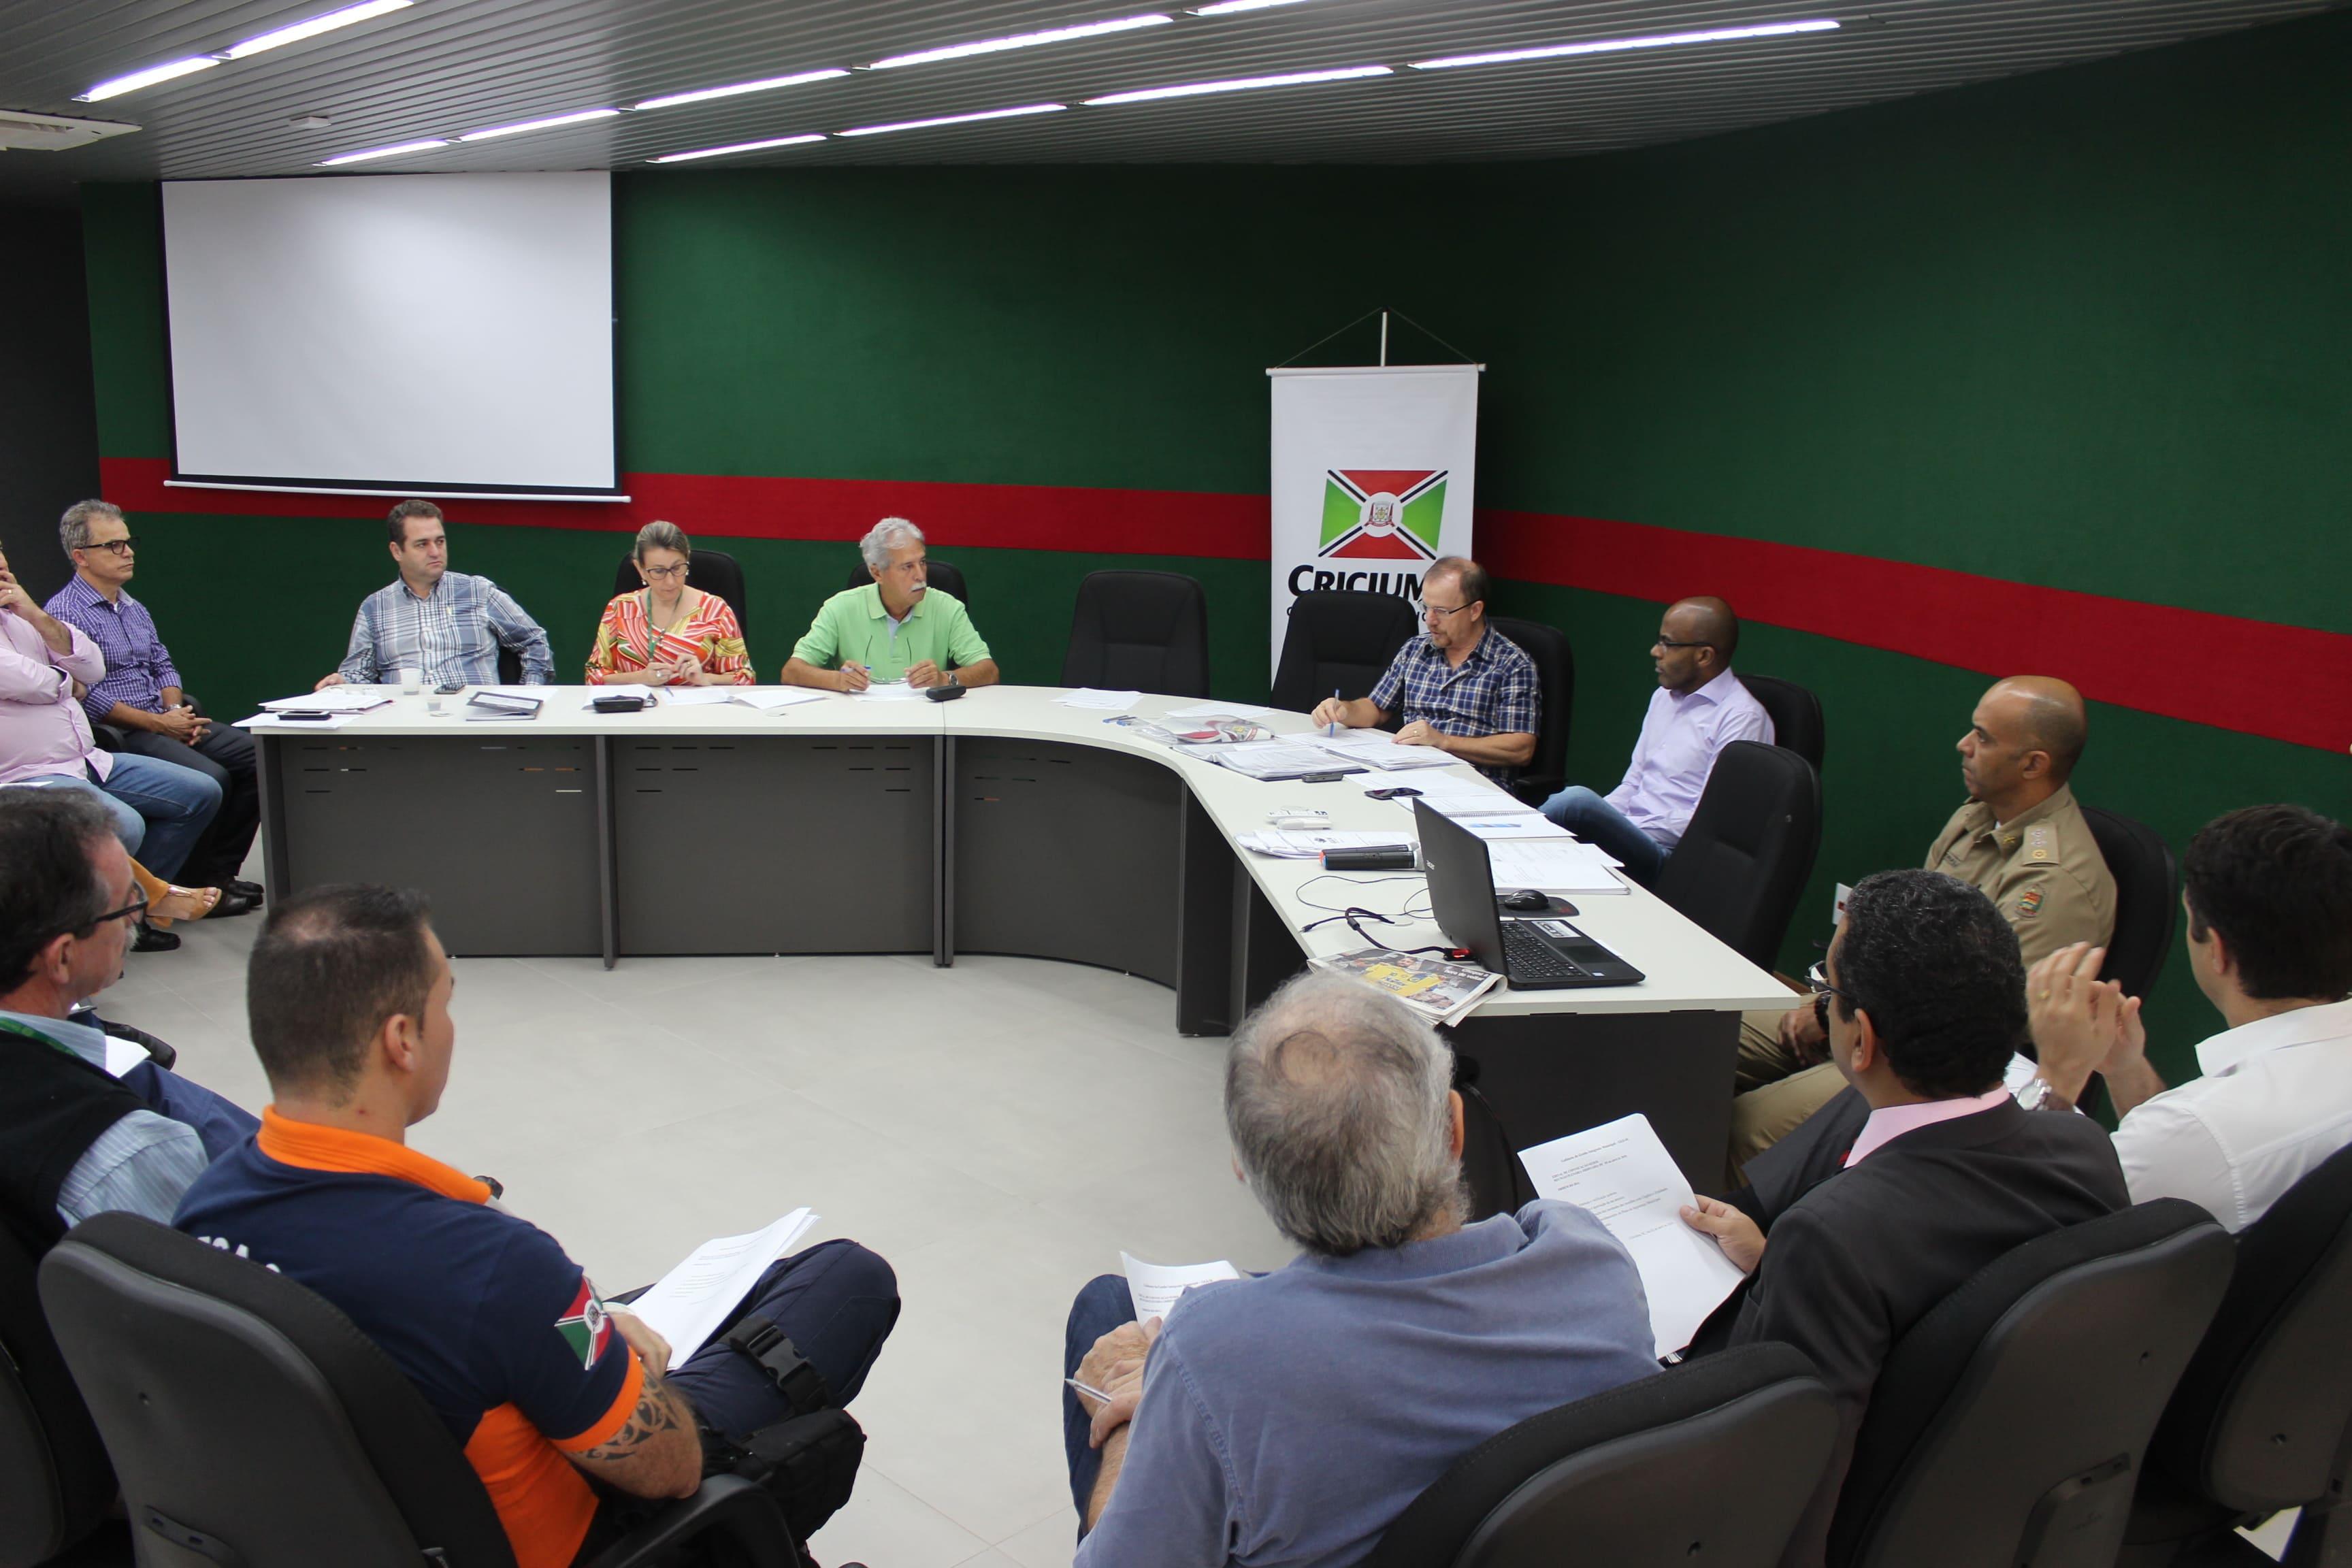 Prefeitura Municipal de Criciúma - Gabinete de Gestão Integrada Municipal completa dois anos de atuação